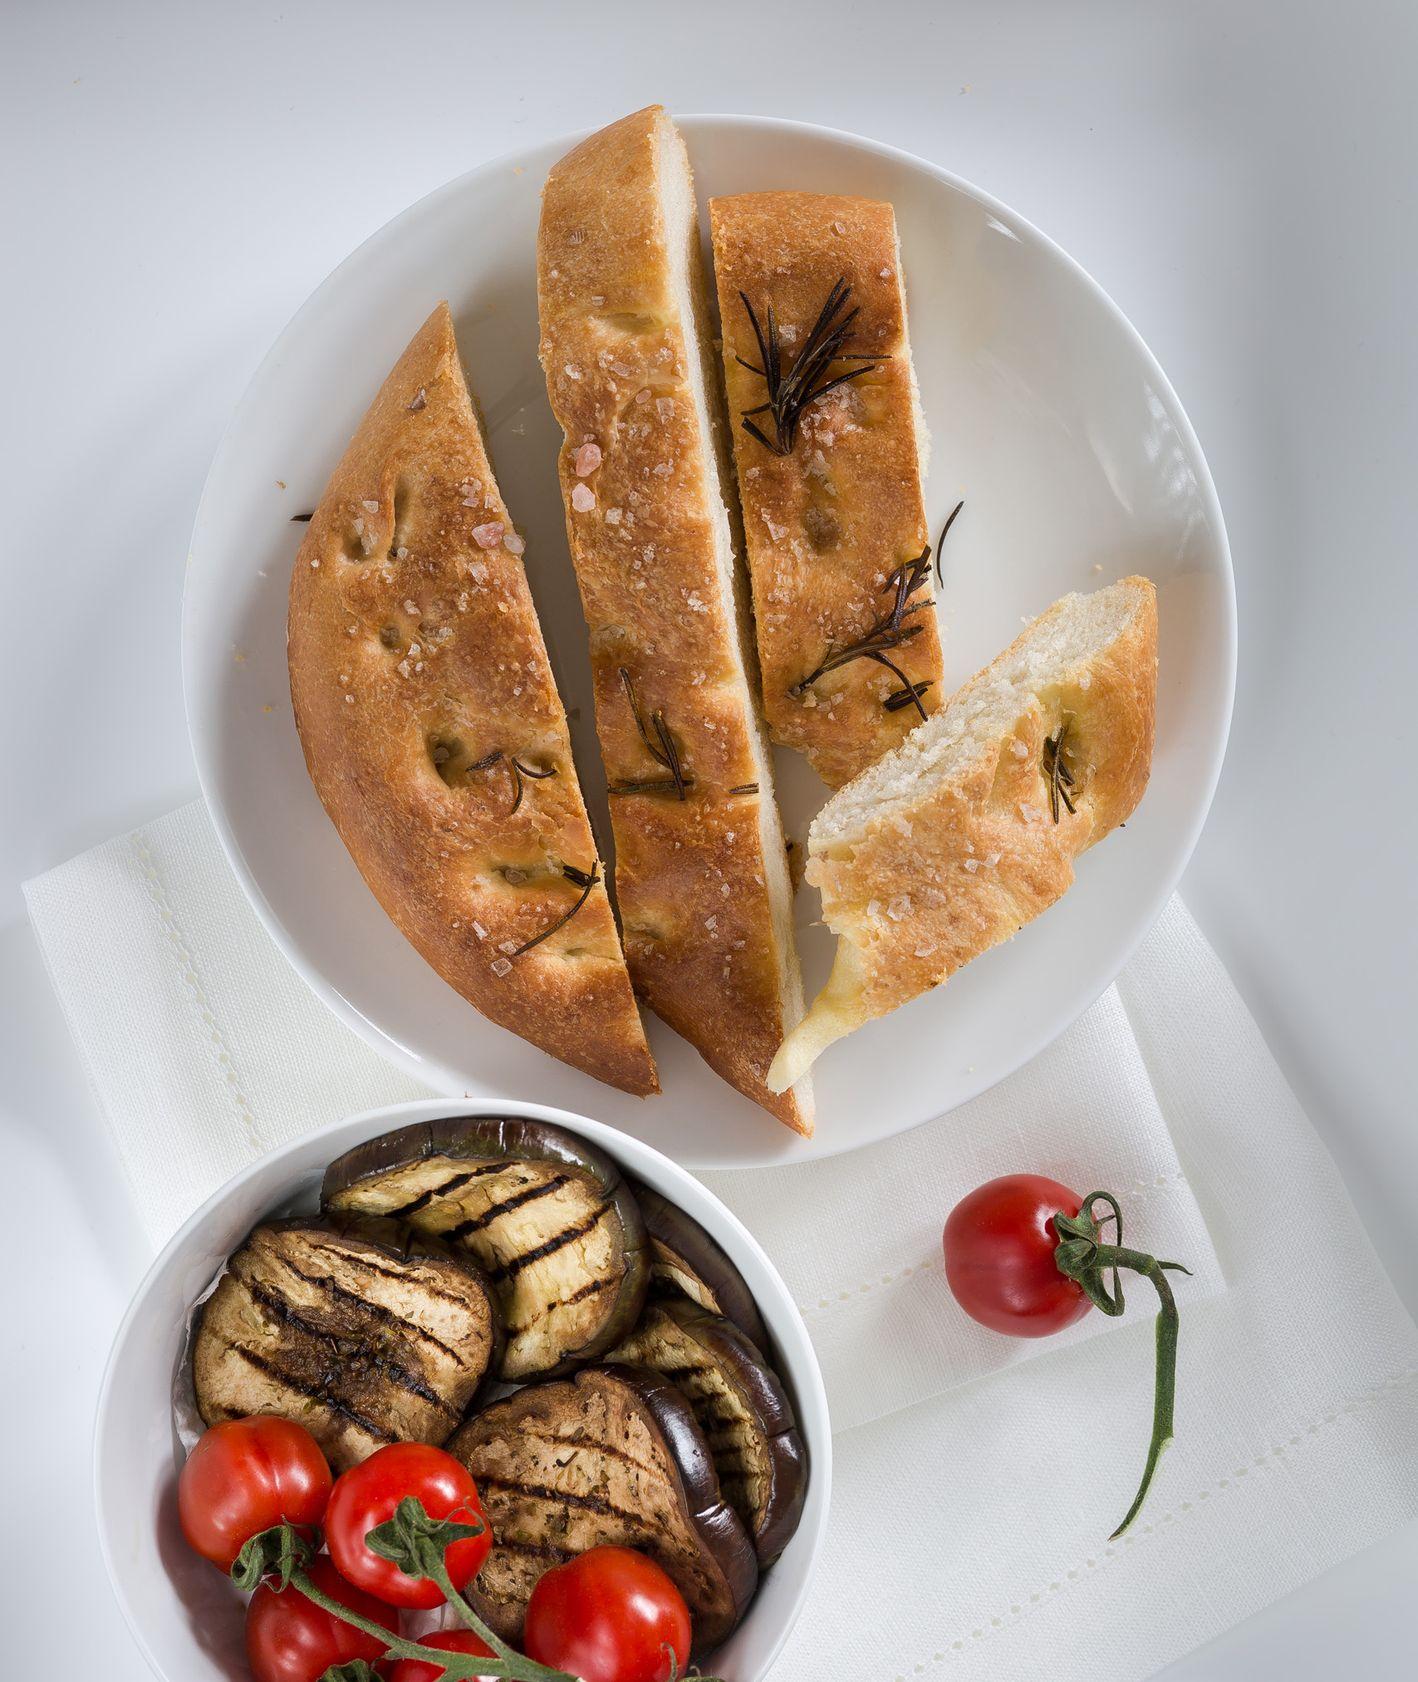 Pieczony bakłażan w oregano i Domowa focaccia z rozmarynem. Westwing (fot. dinnershow.studio)